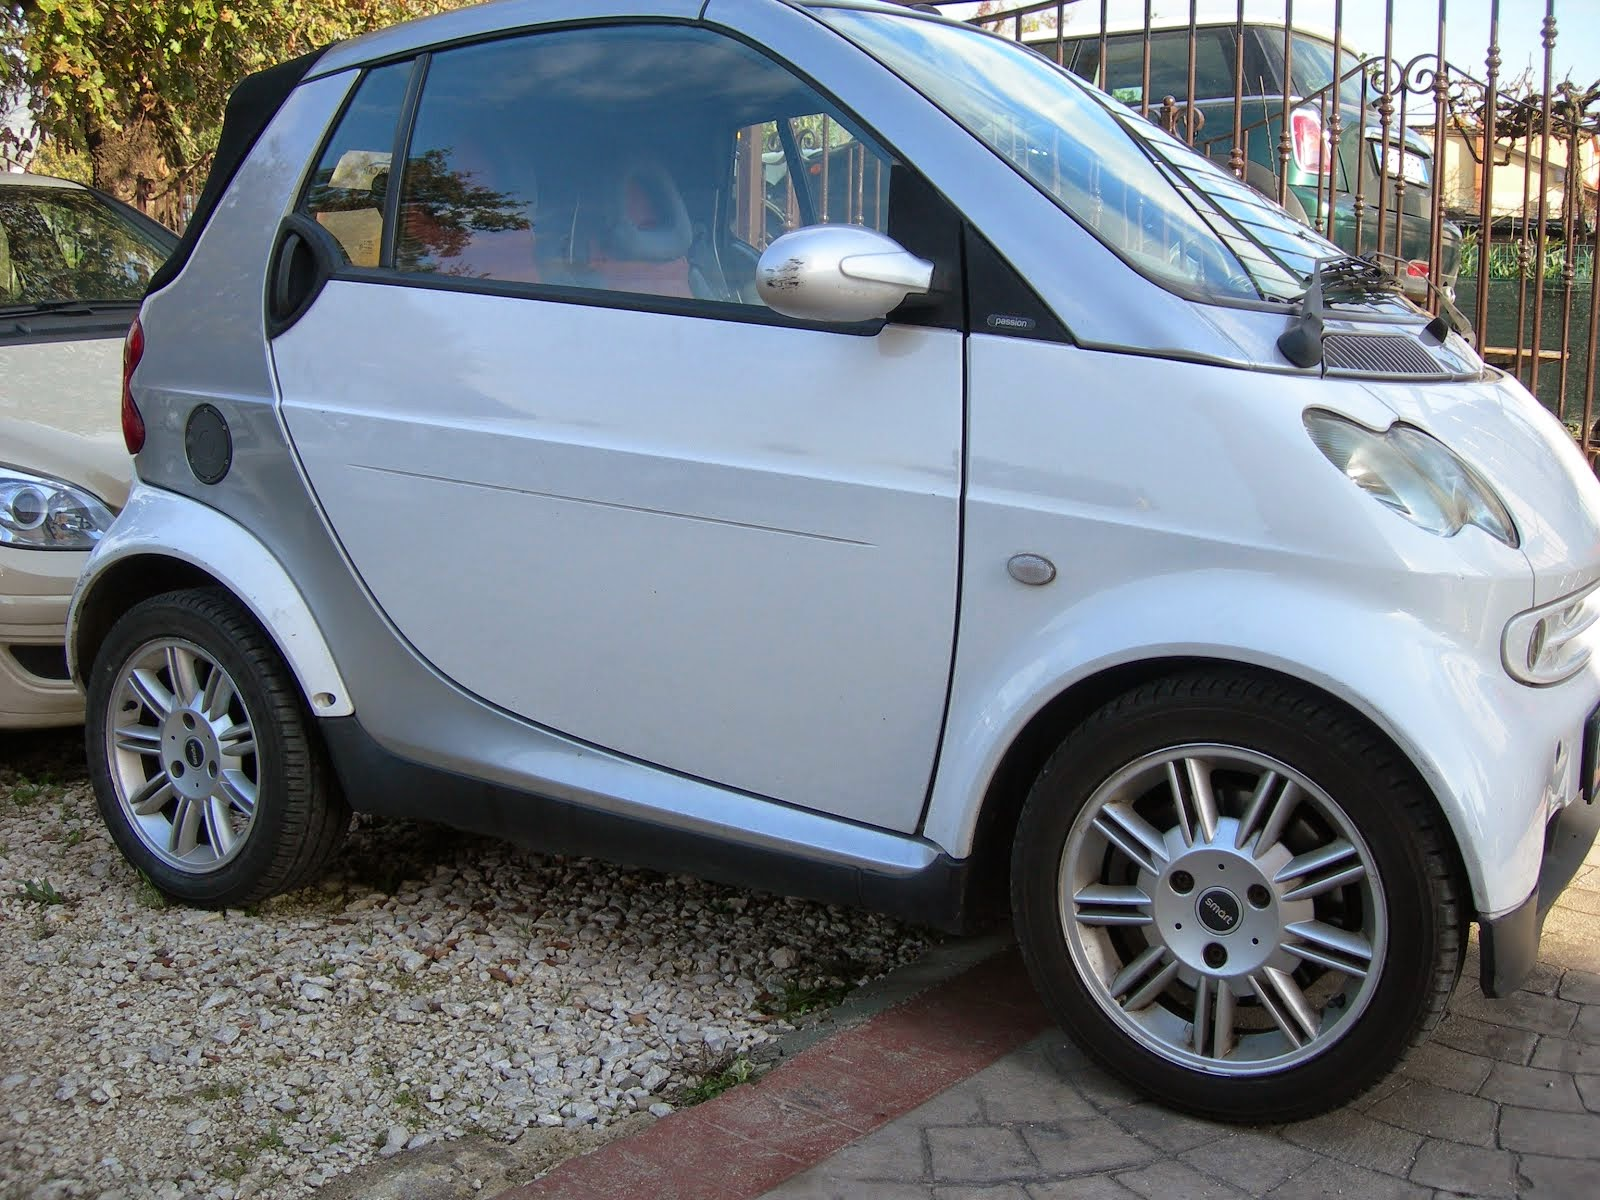 Smart 700 benzina Cabriò Anno 2003 Con clima-cambio autom sequenz Cerchi in lega- Cont. Per Prezzo